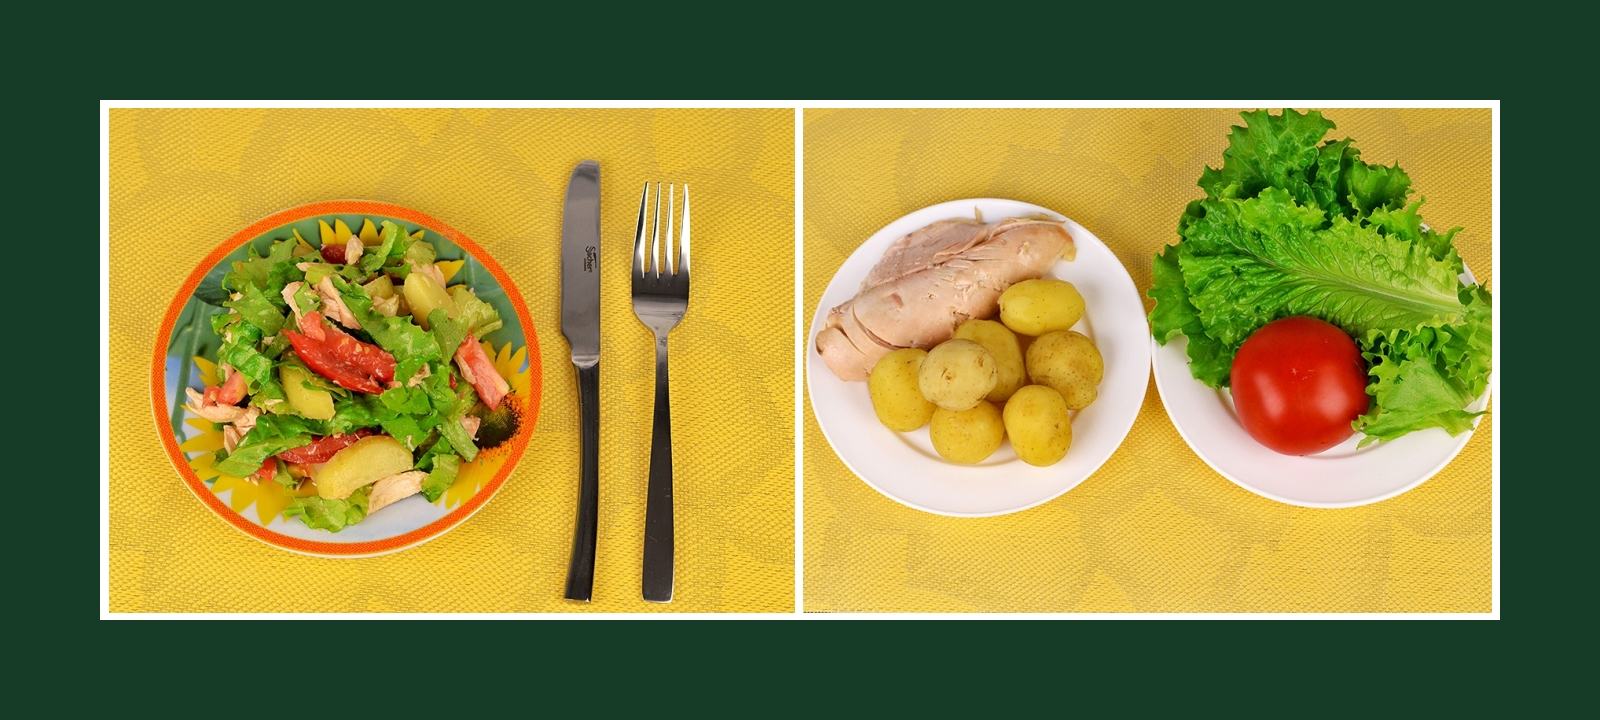 Fantastischer Kartoffelsalat aus Frühkartoffeln mit Tomaten, Salat und Fleisch